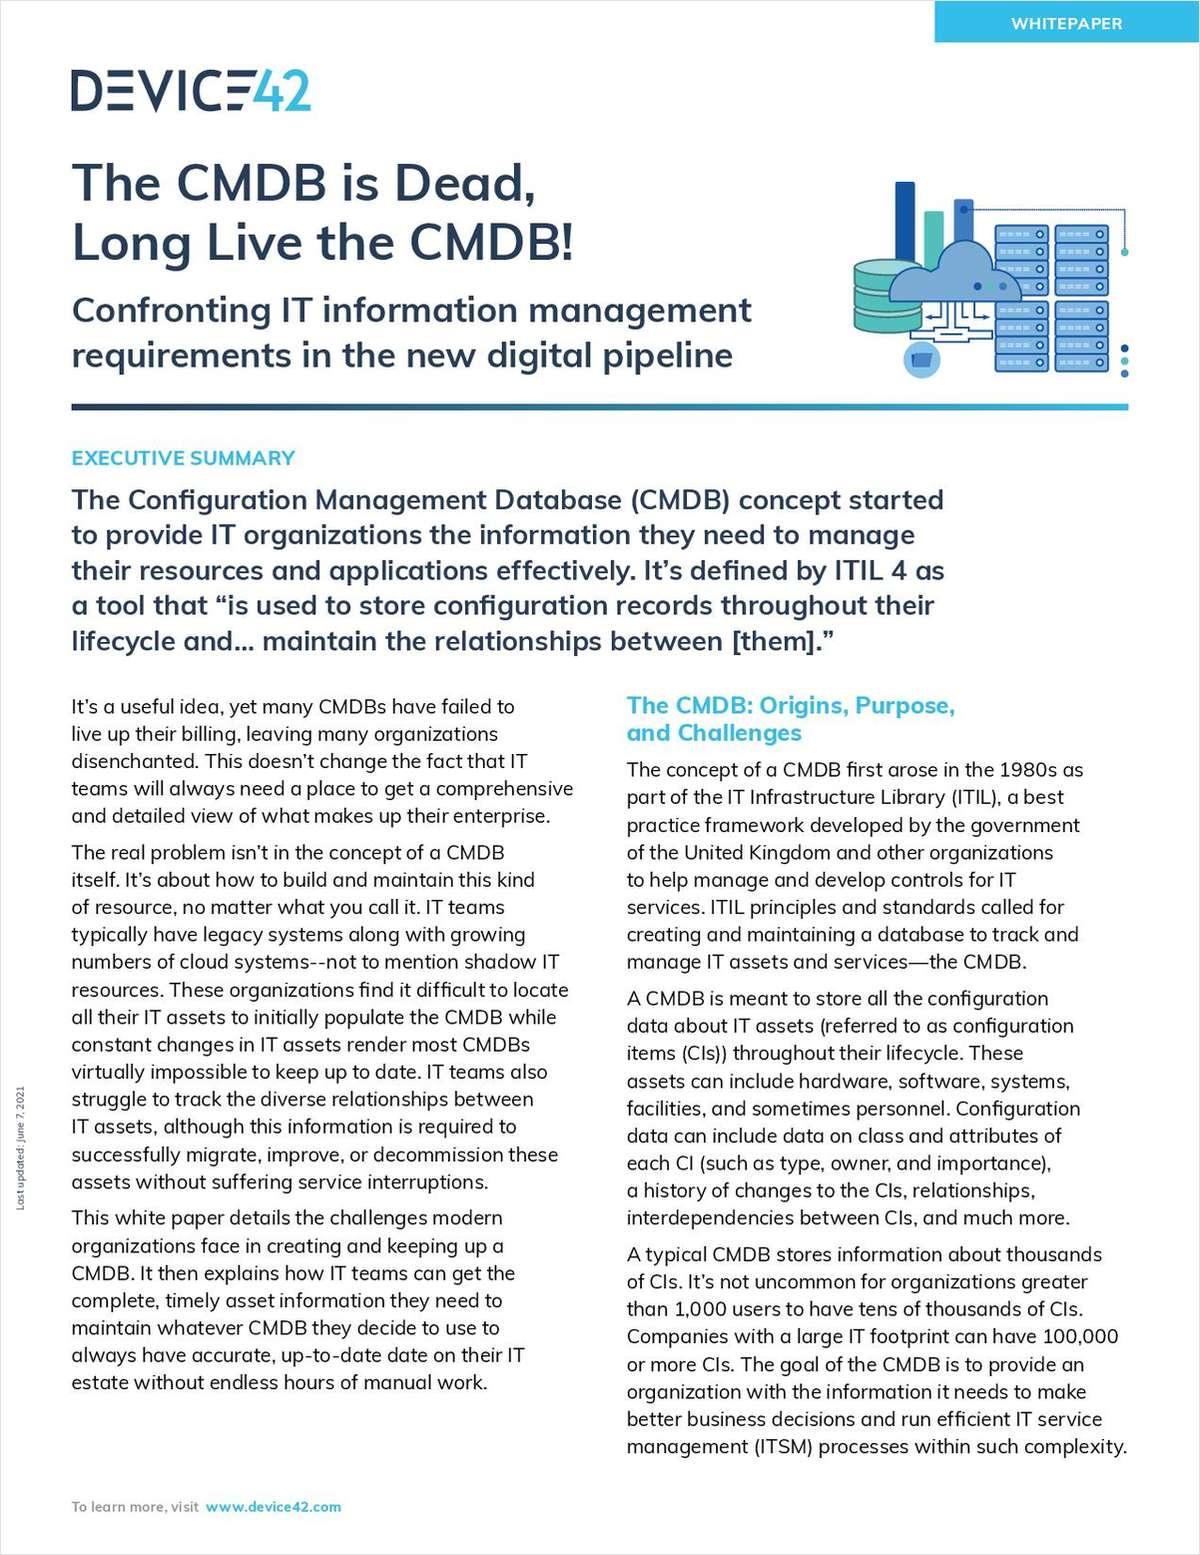 The CMDB is Dead, Long Live the CMDB!